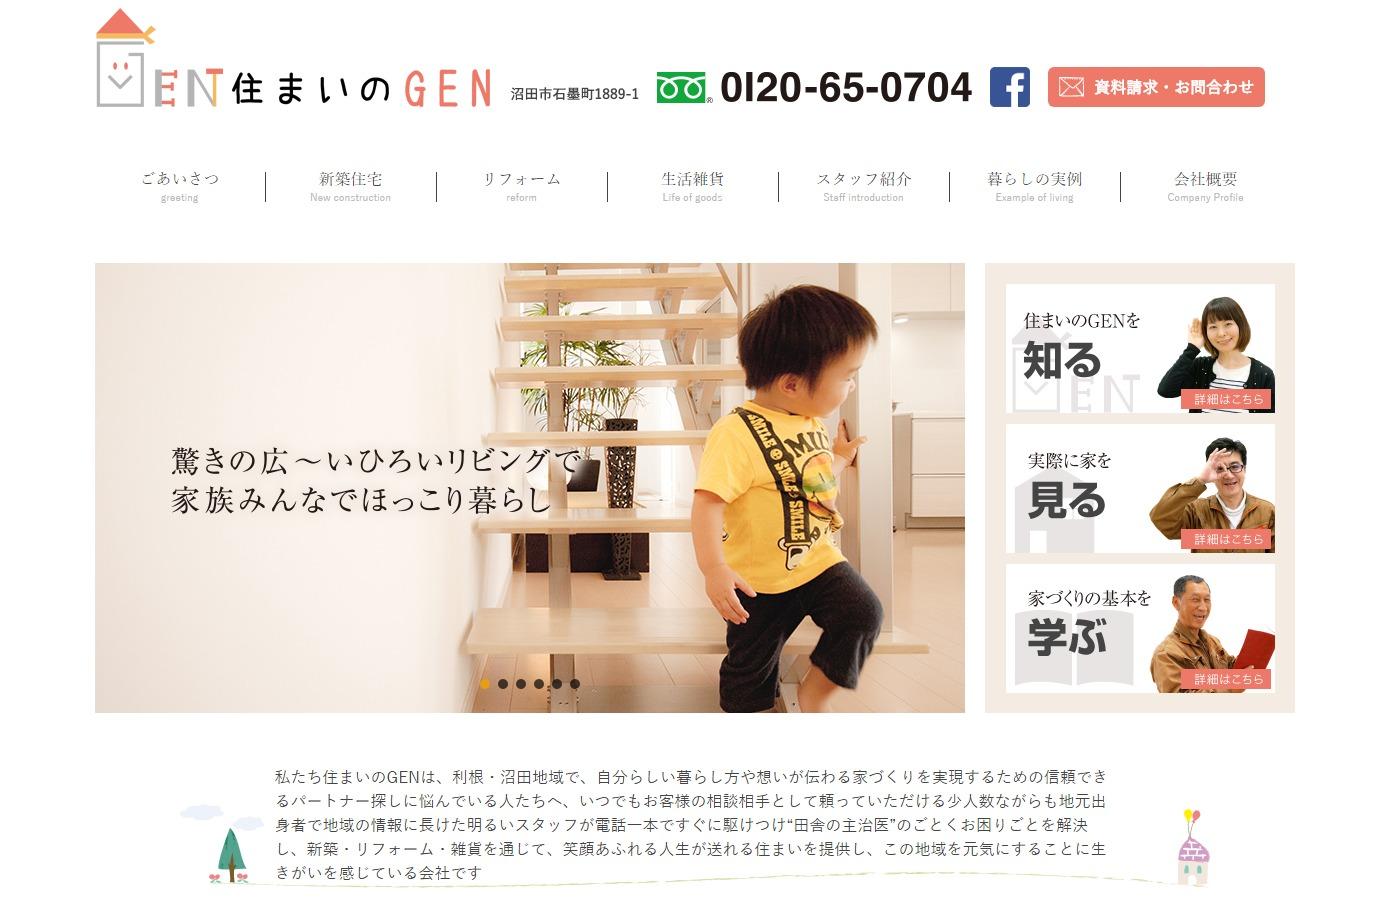 住まいのGEN(有)|利根・沼田|新築・リフォーム・生活雑貨ショップ